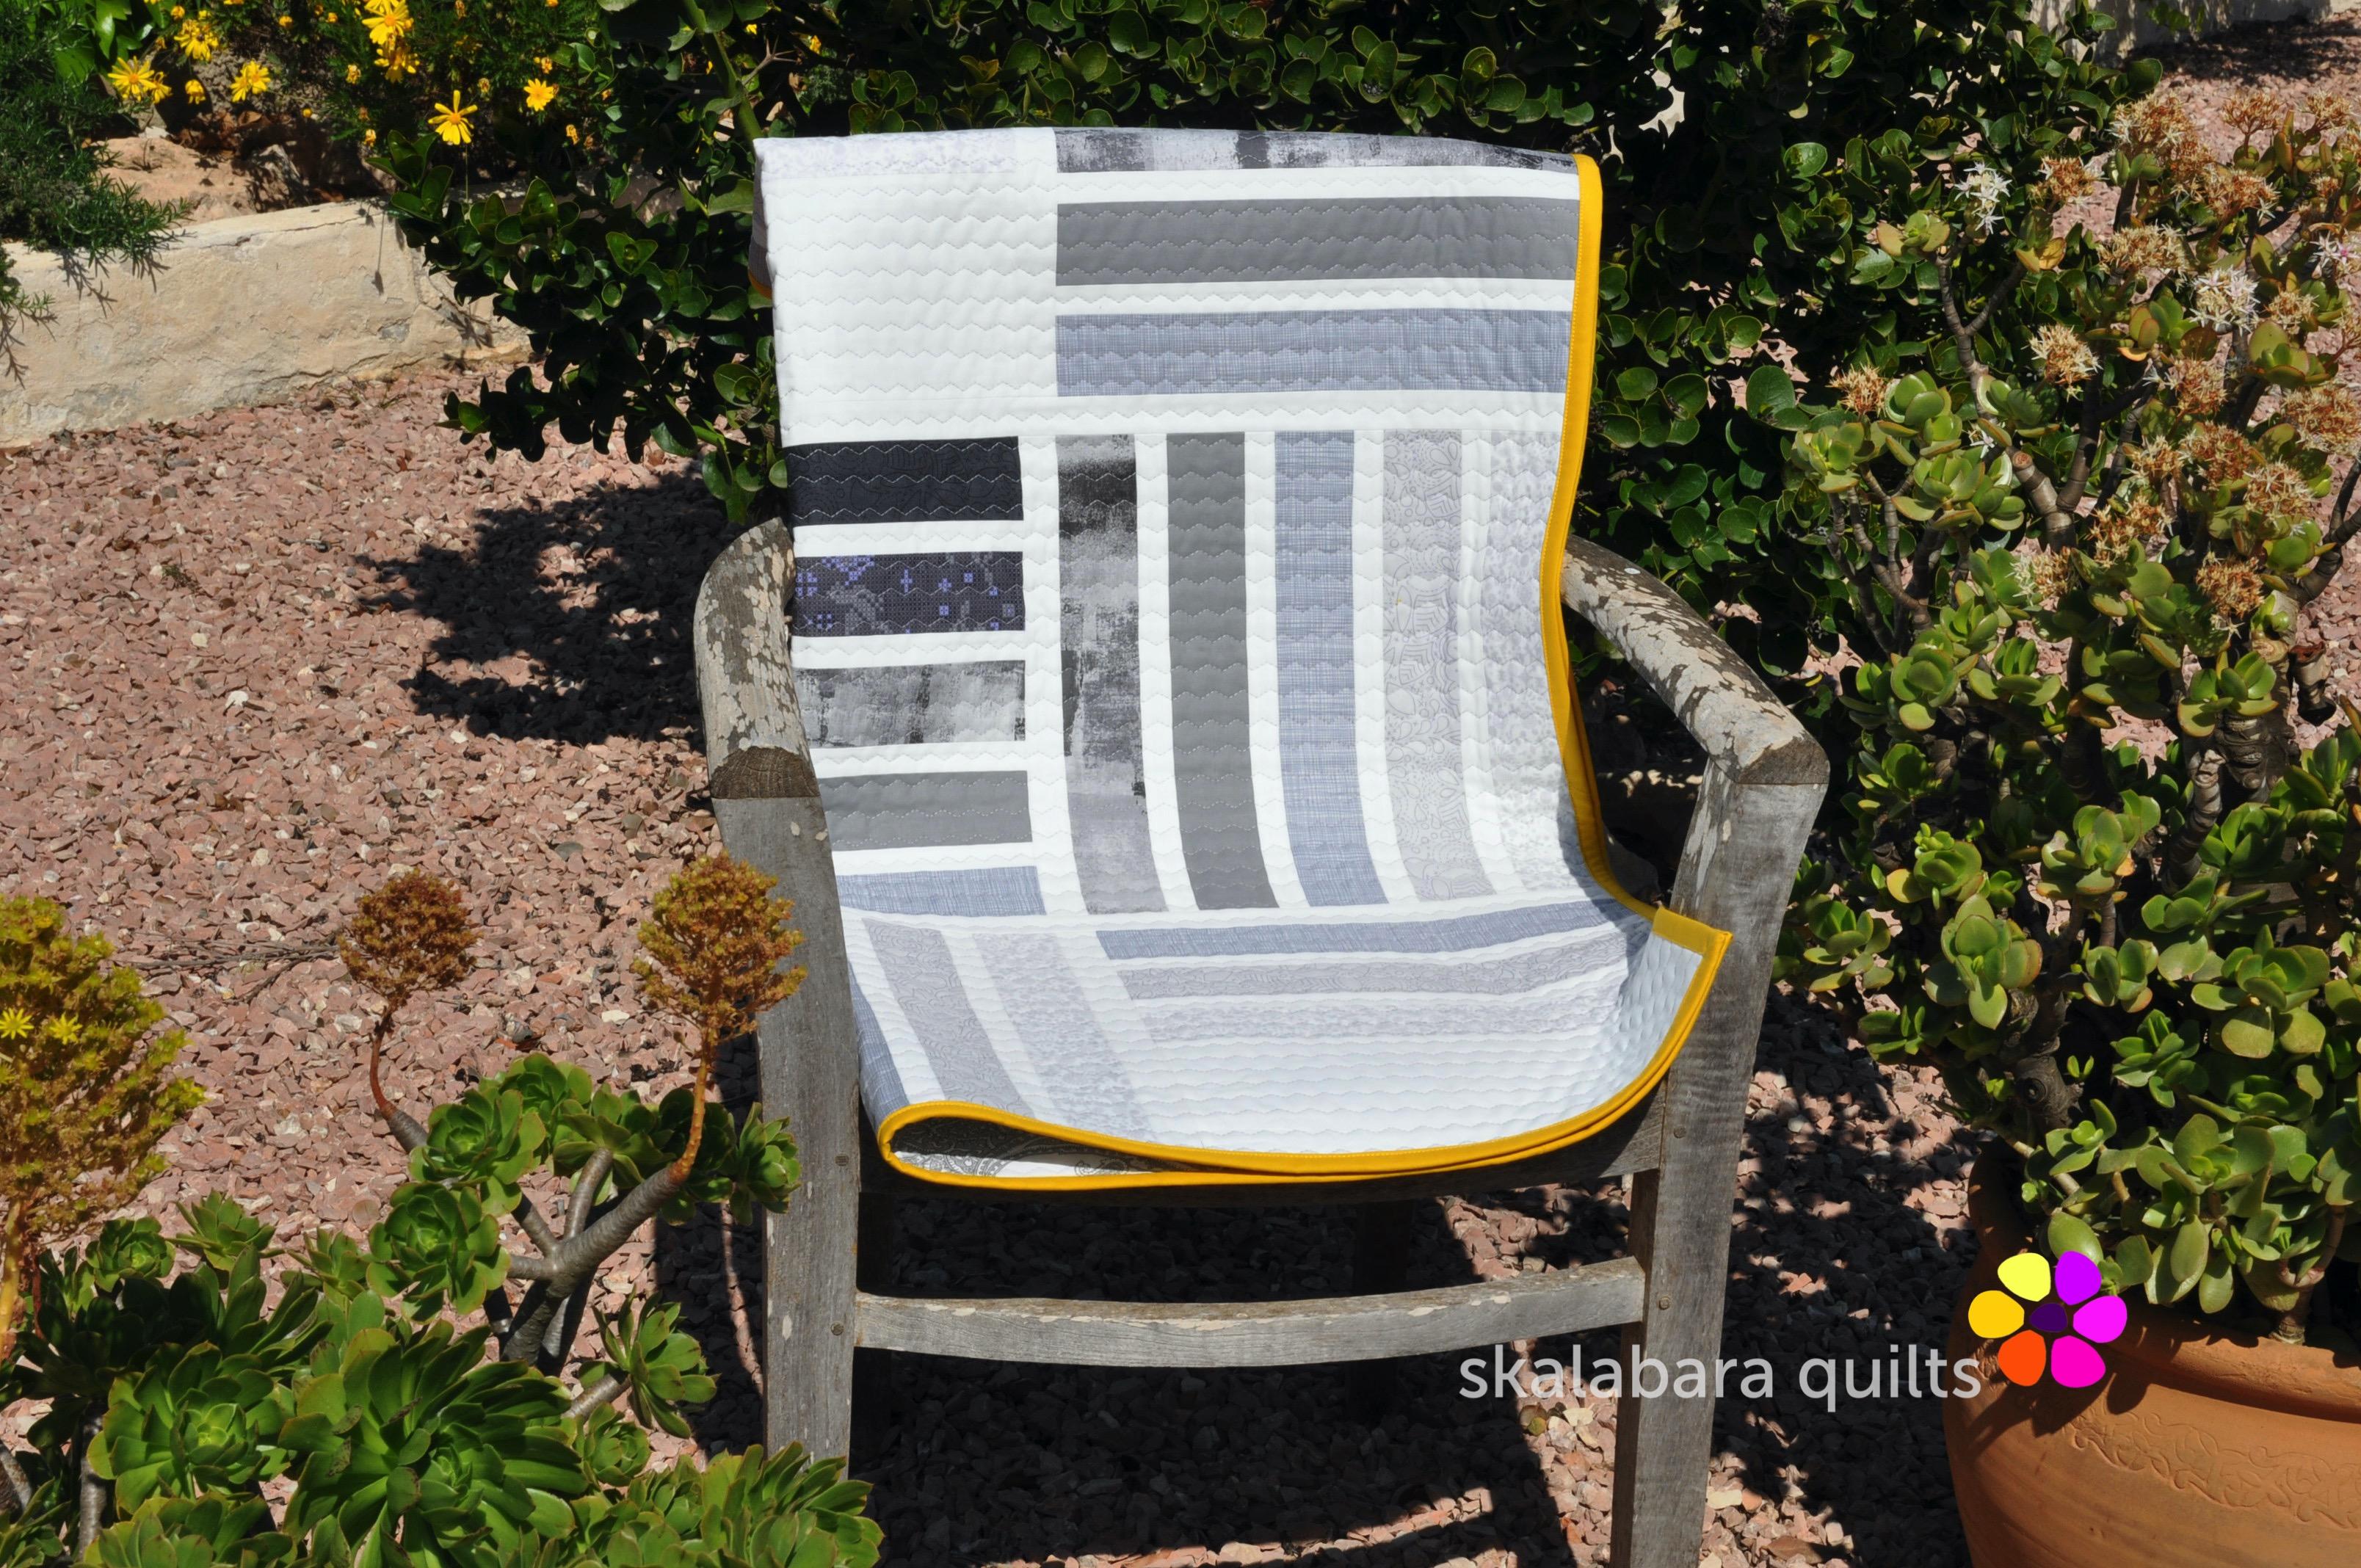 blakely quilt 8 - skalabara quilts